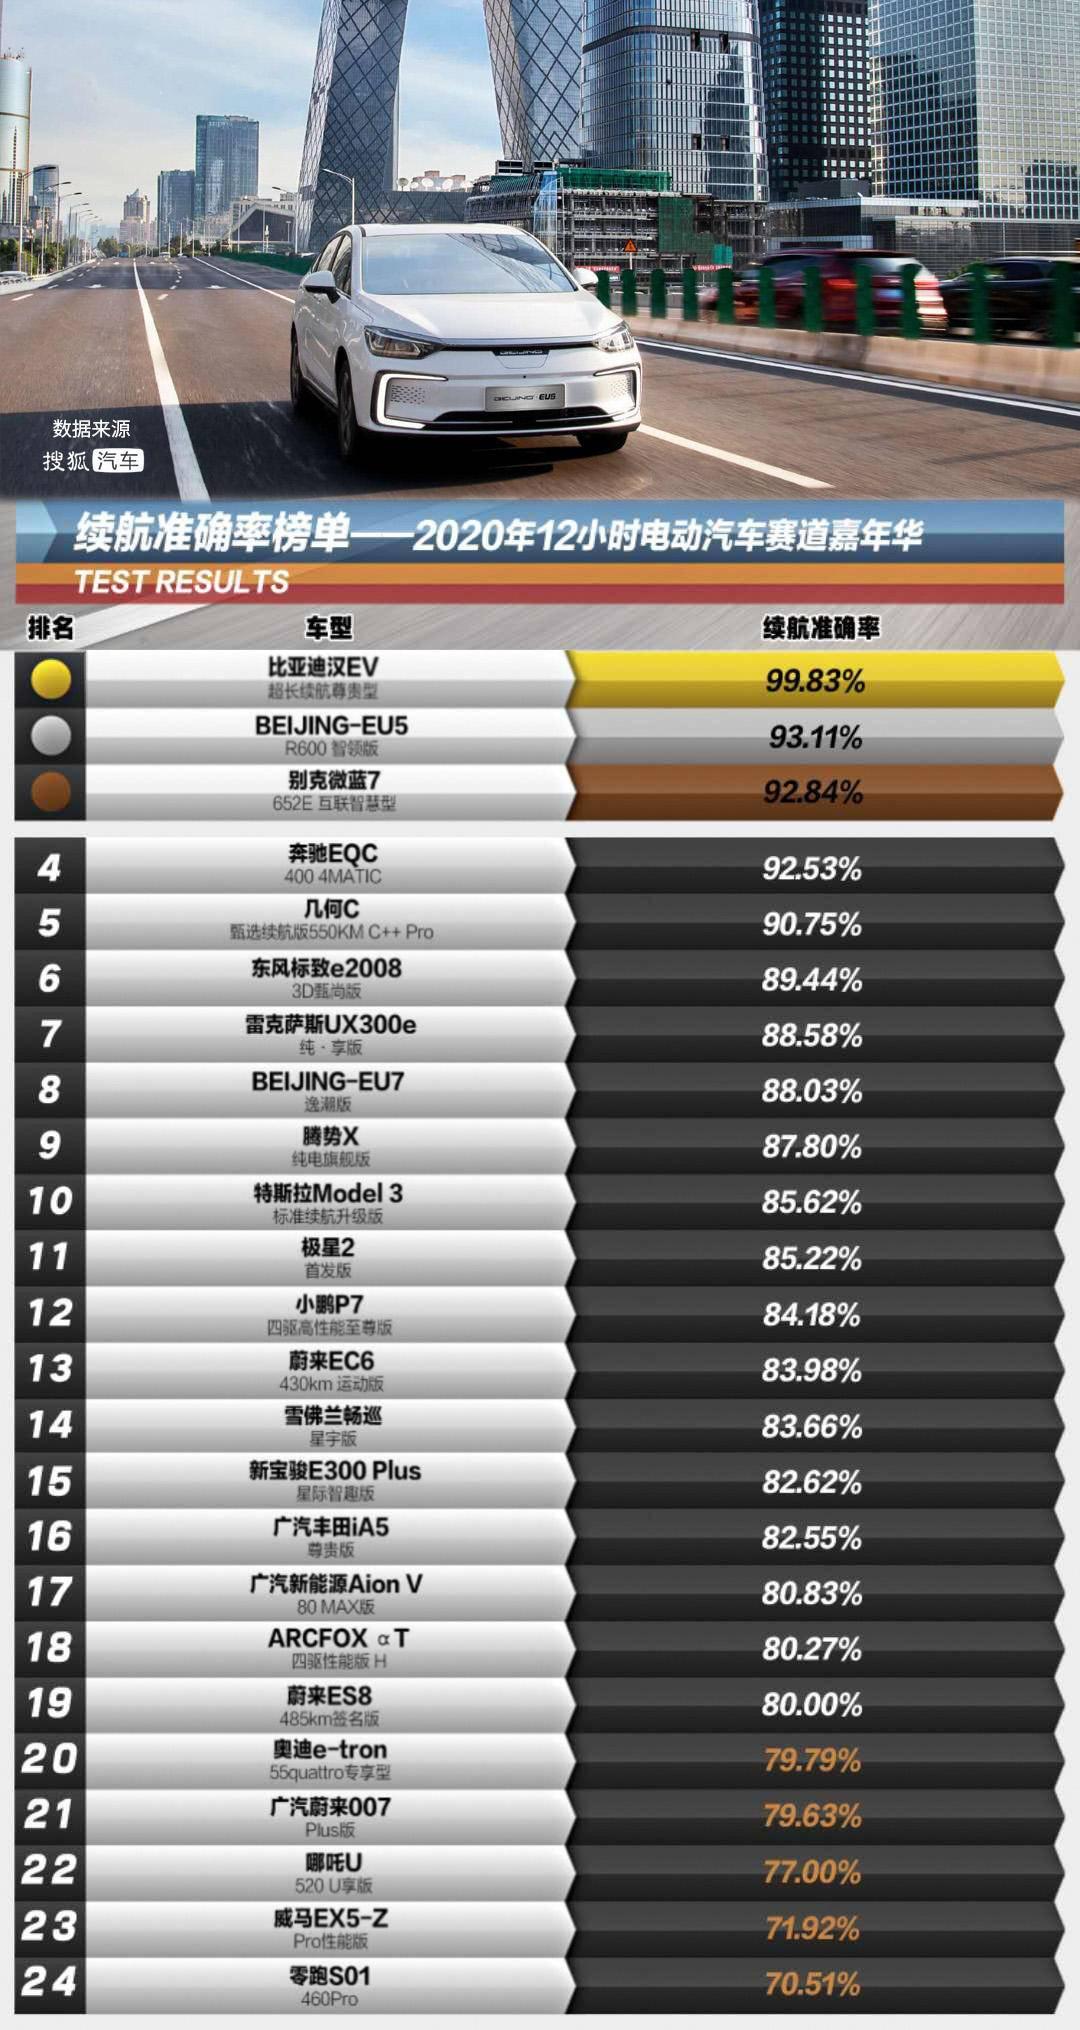 """硬核三电加持 BEIJING-EU5荣获""""最佳节能家轿""""奖"""